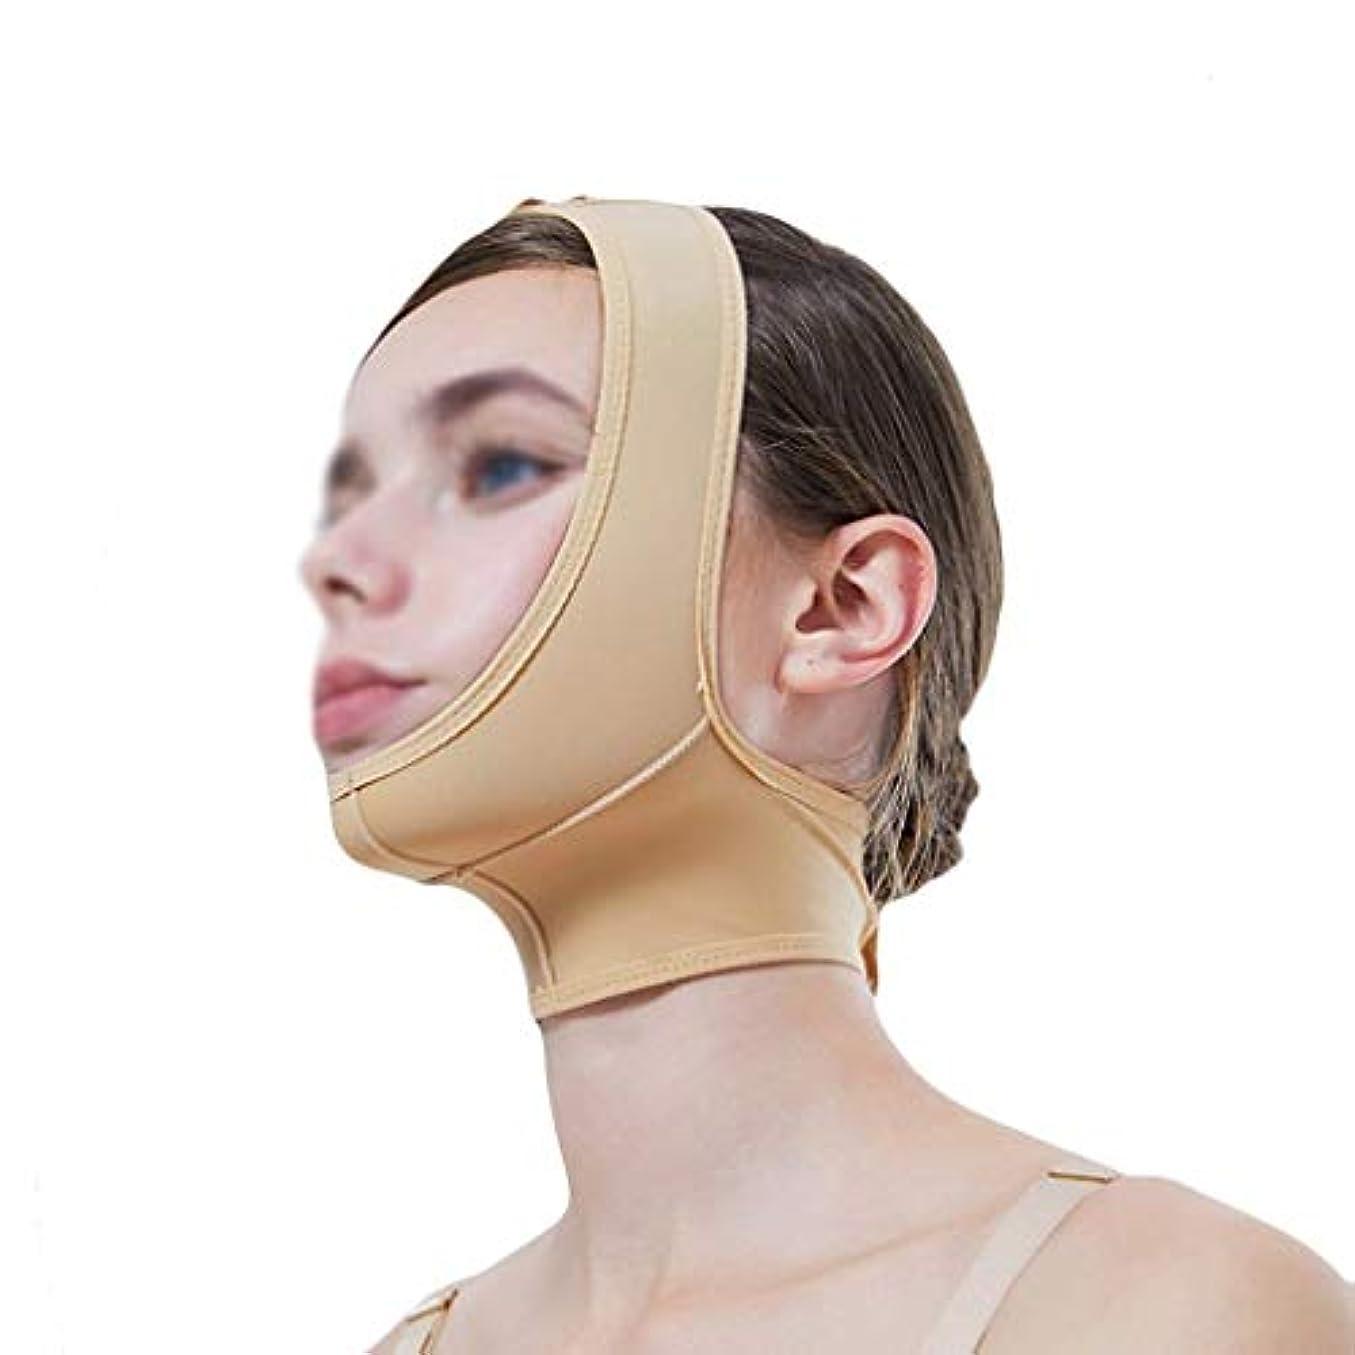 魅力枕きらめくマスク、超薄型ベルト、フェイスリフティングに適し、フェイスリフティング、通気性包帯、あご取りベルト、超薄型ベルト、通気性(サイズ:XL),M